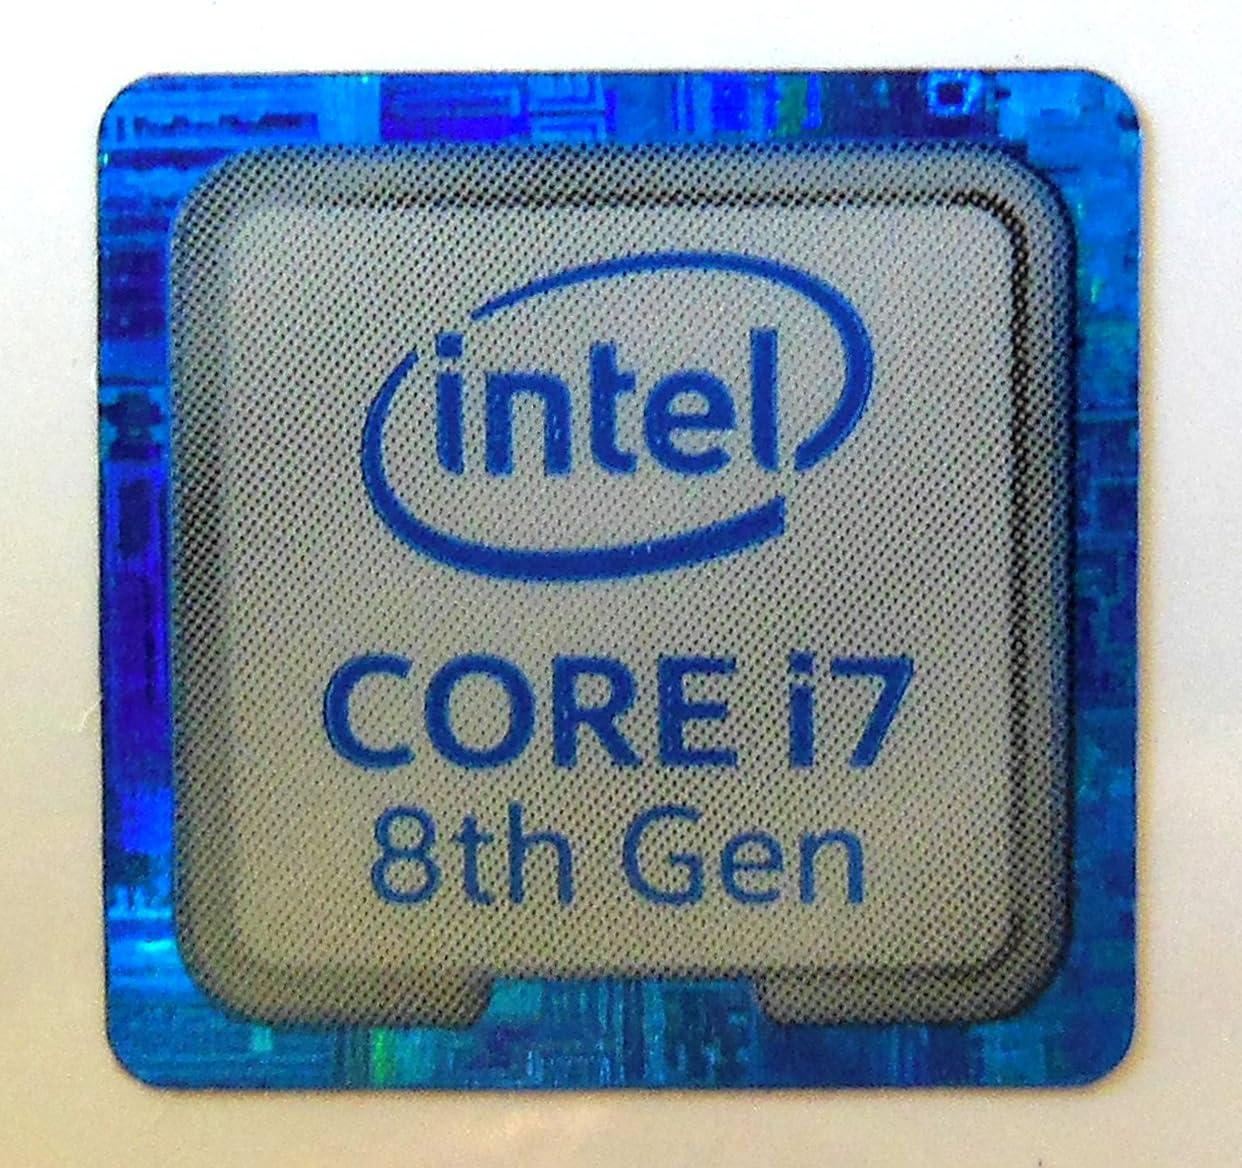 VATH Made Intel Core i5 9th Generation Metal Sticker 18 x 18mm 973 11//16 x 11//16